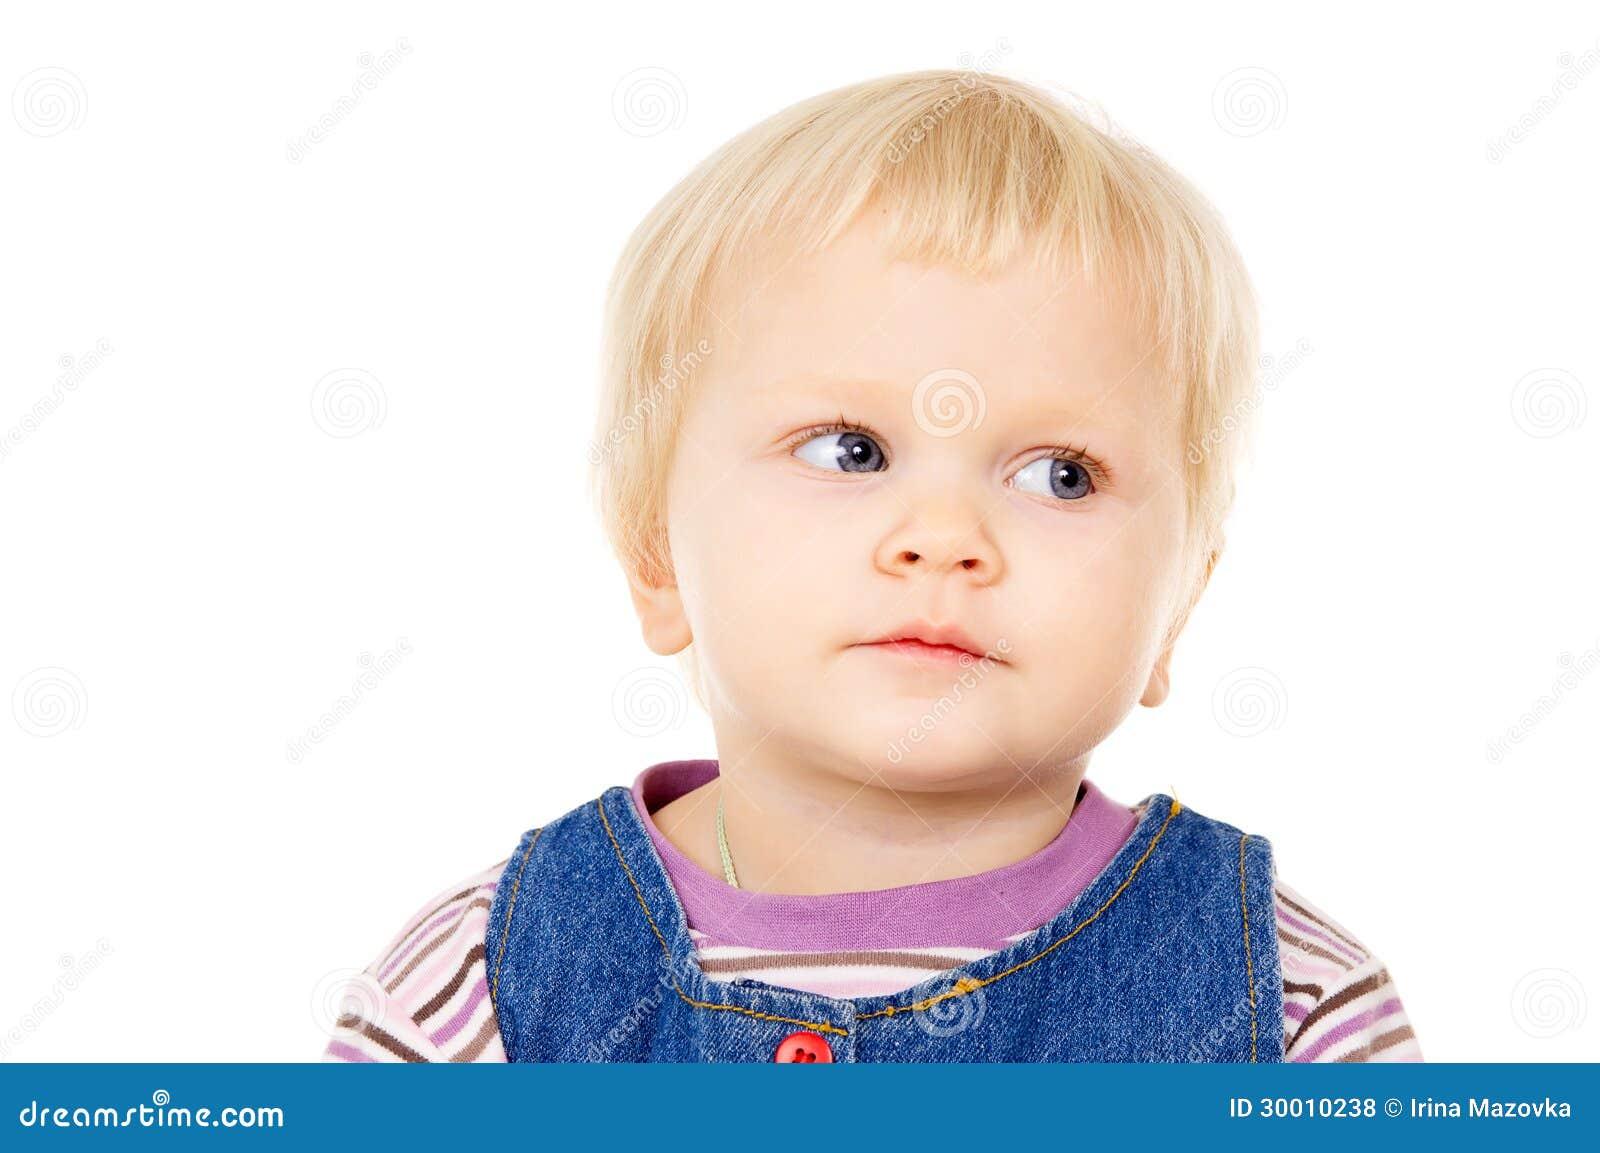 portrait d 39 une petite fille blonde aux yeux bleus photos libres de droits image 30010238. Black Bedroom Furniture Sets. Home Design Ideas